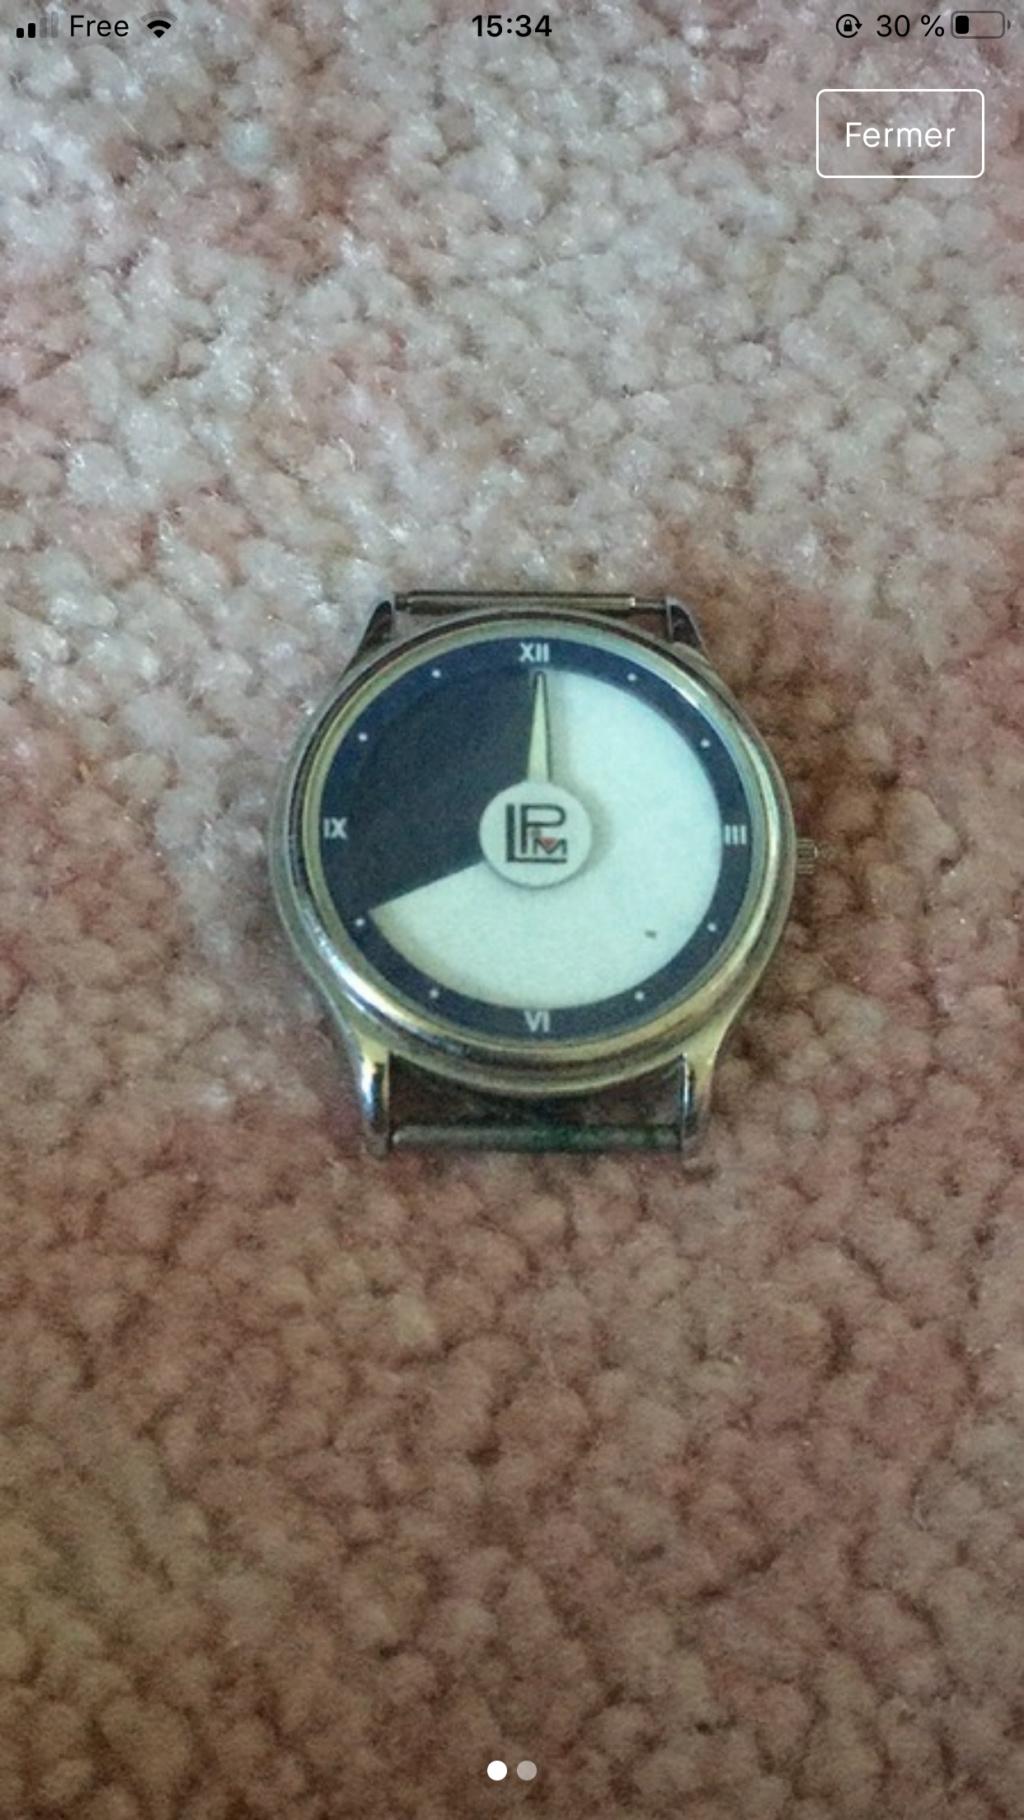 Mido -  [Postez ICI les demandes d'IDENTIFICATION et RENSEIGNEMENTS de vos montres] - Page 34 99a6d110